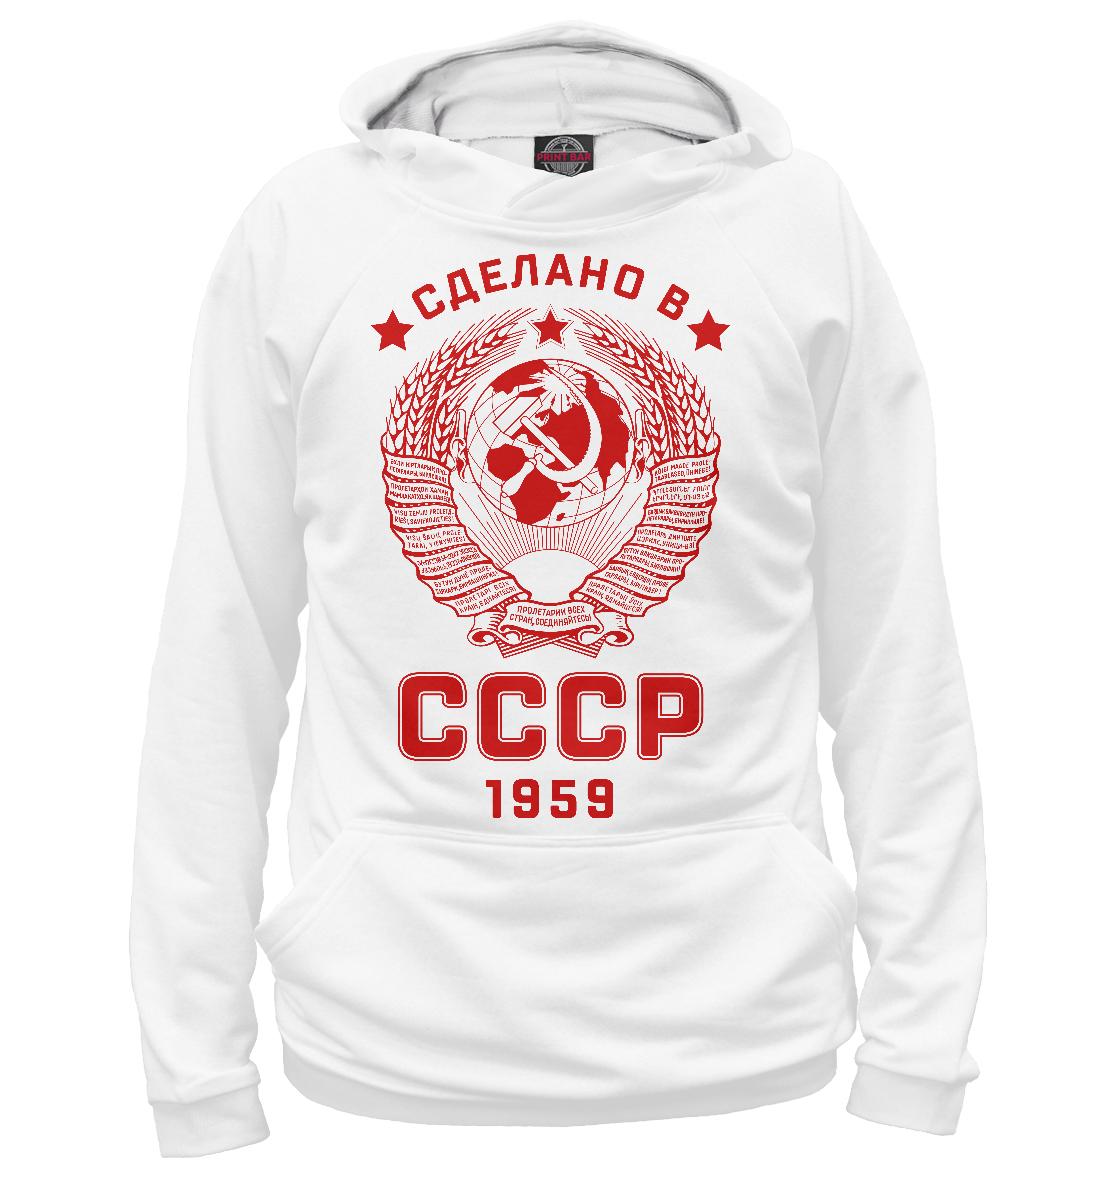 Купить Сделано в СССР - 1959, Printbar, Худи, RZP-449444-hud-2